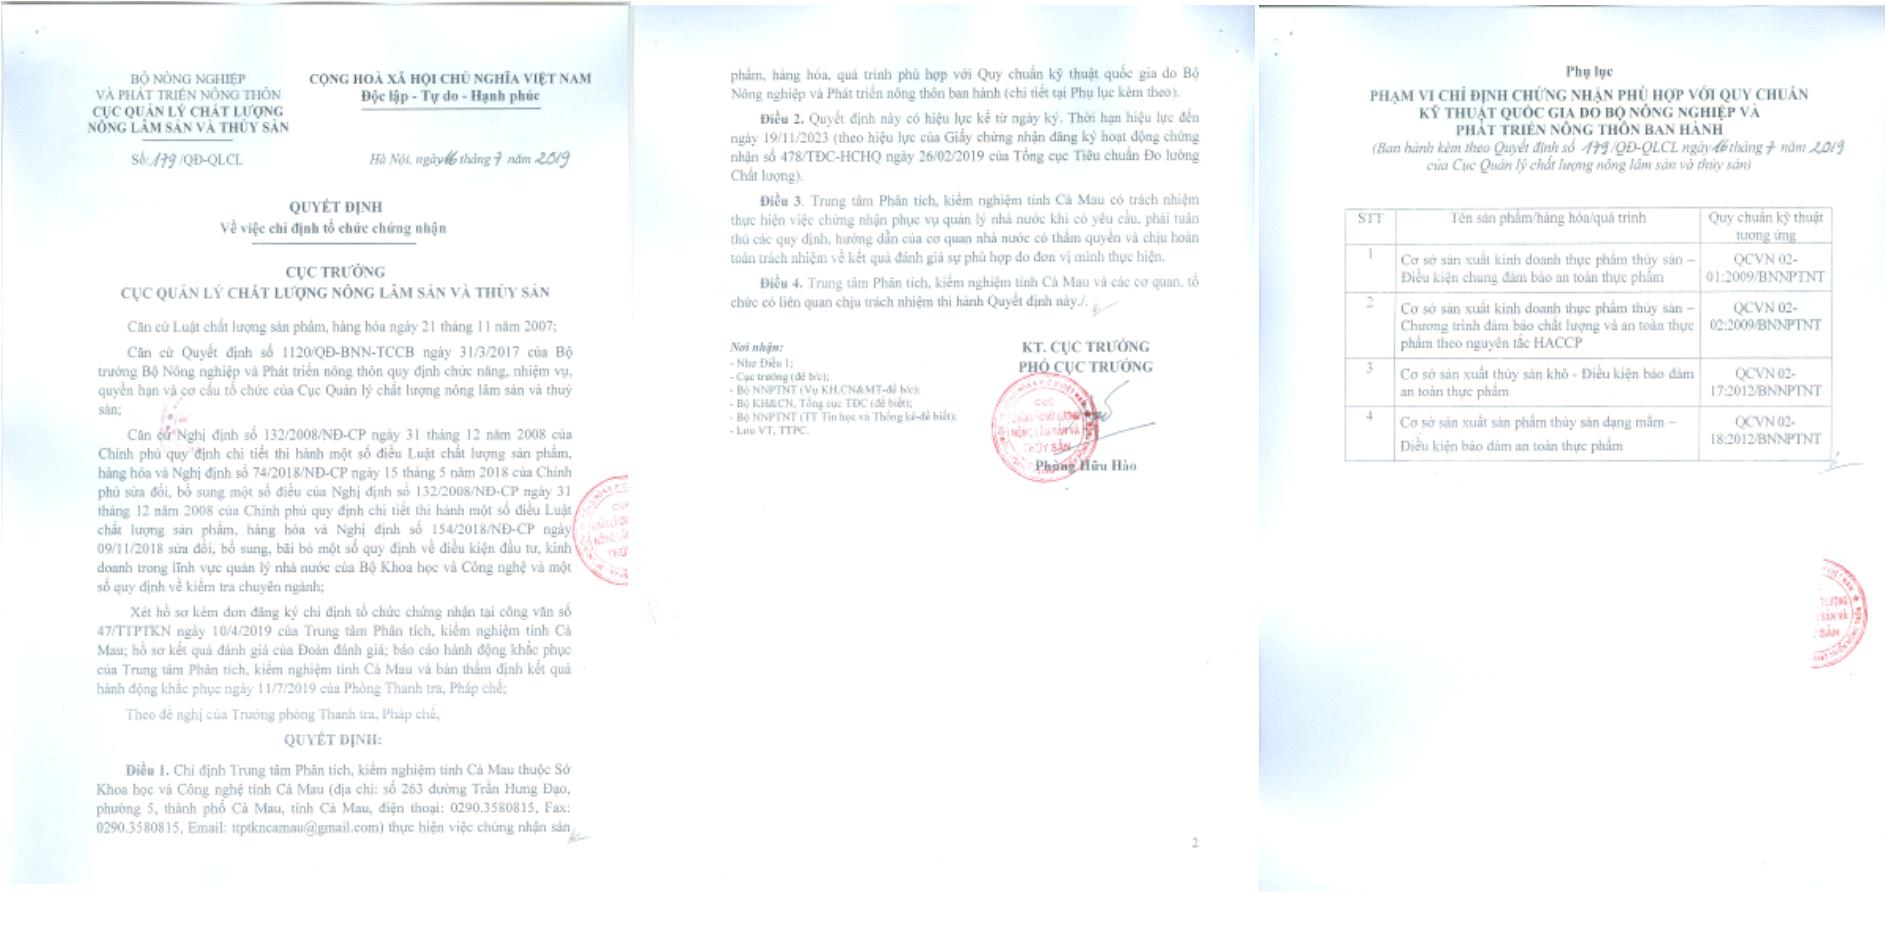 Quyết định của Cục Quản lý Chất lượng nông lâm sản và thủy sản chỉ định Trung tâm Phân tích, kiểm nghiệm chứng nhận hợp quy